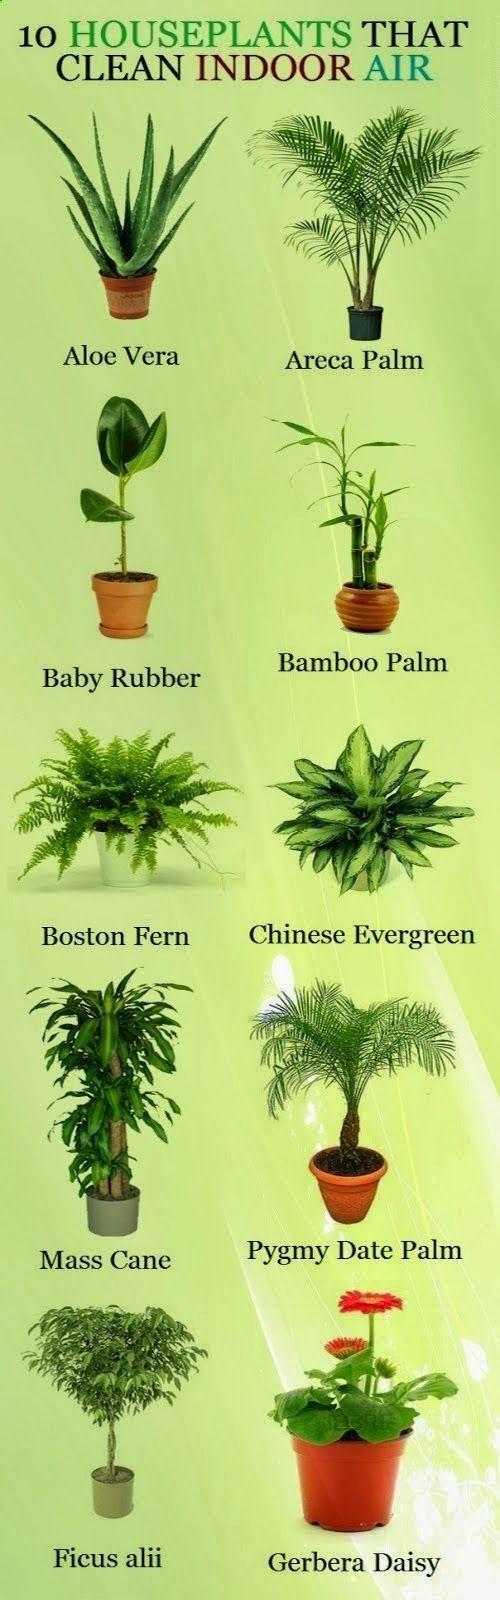 Ten Houseplants That Clean Indoor Air